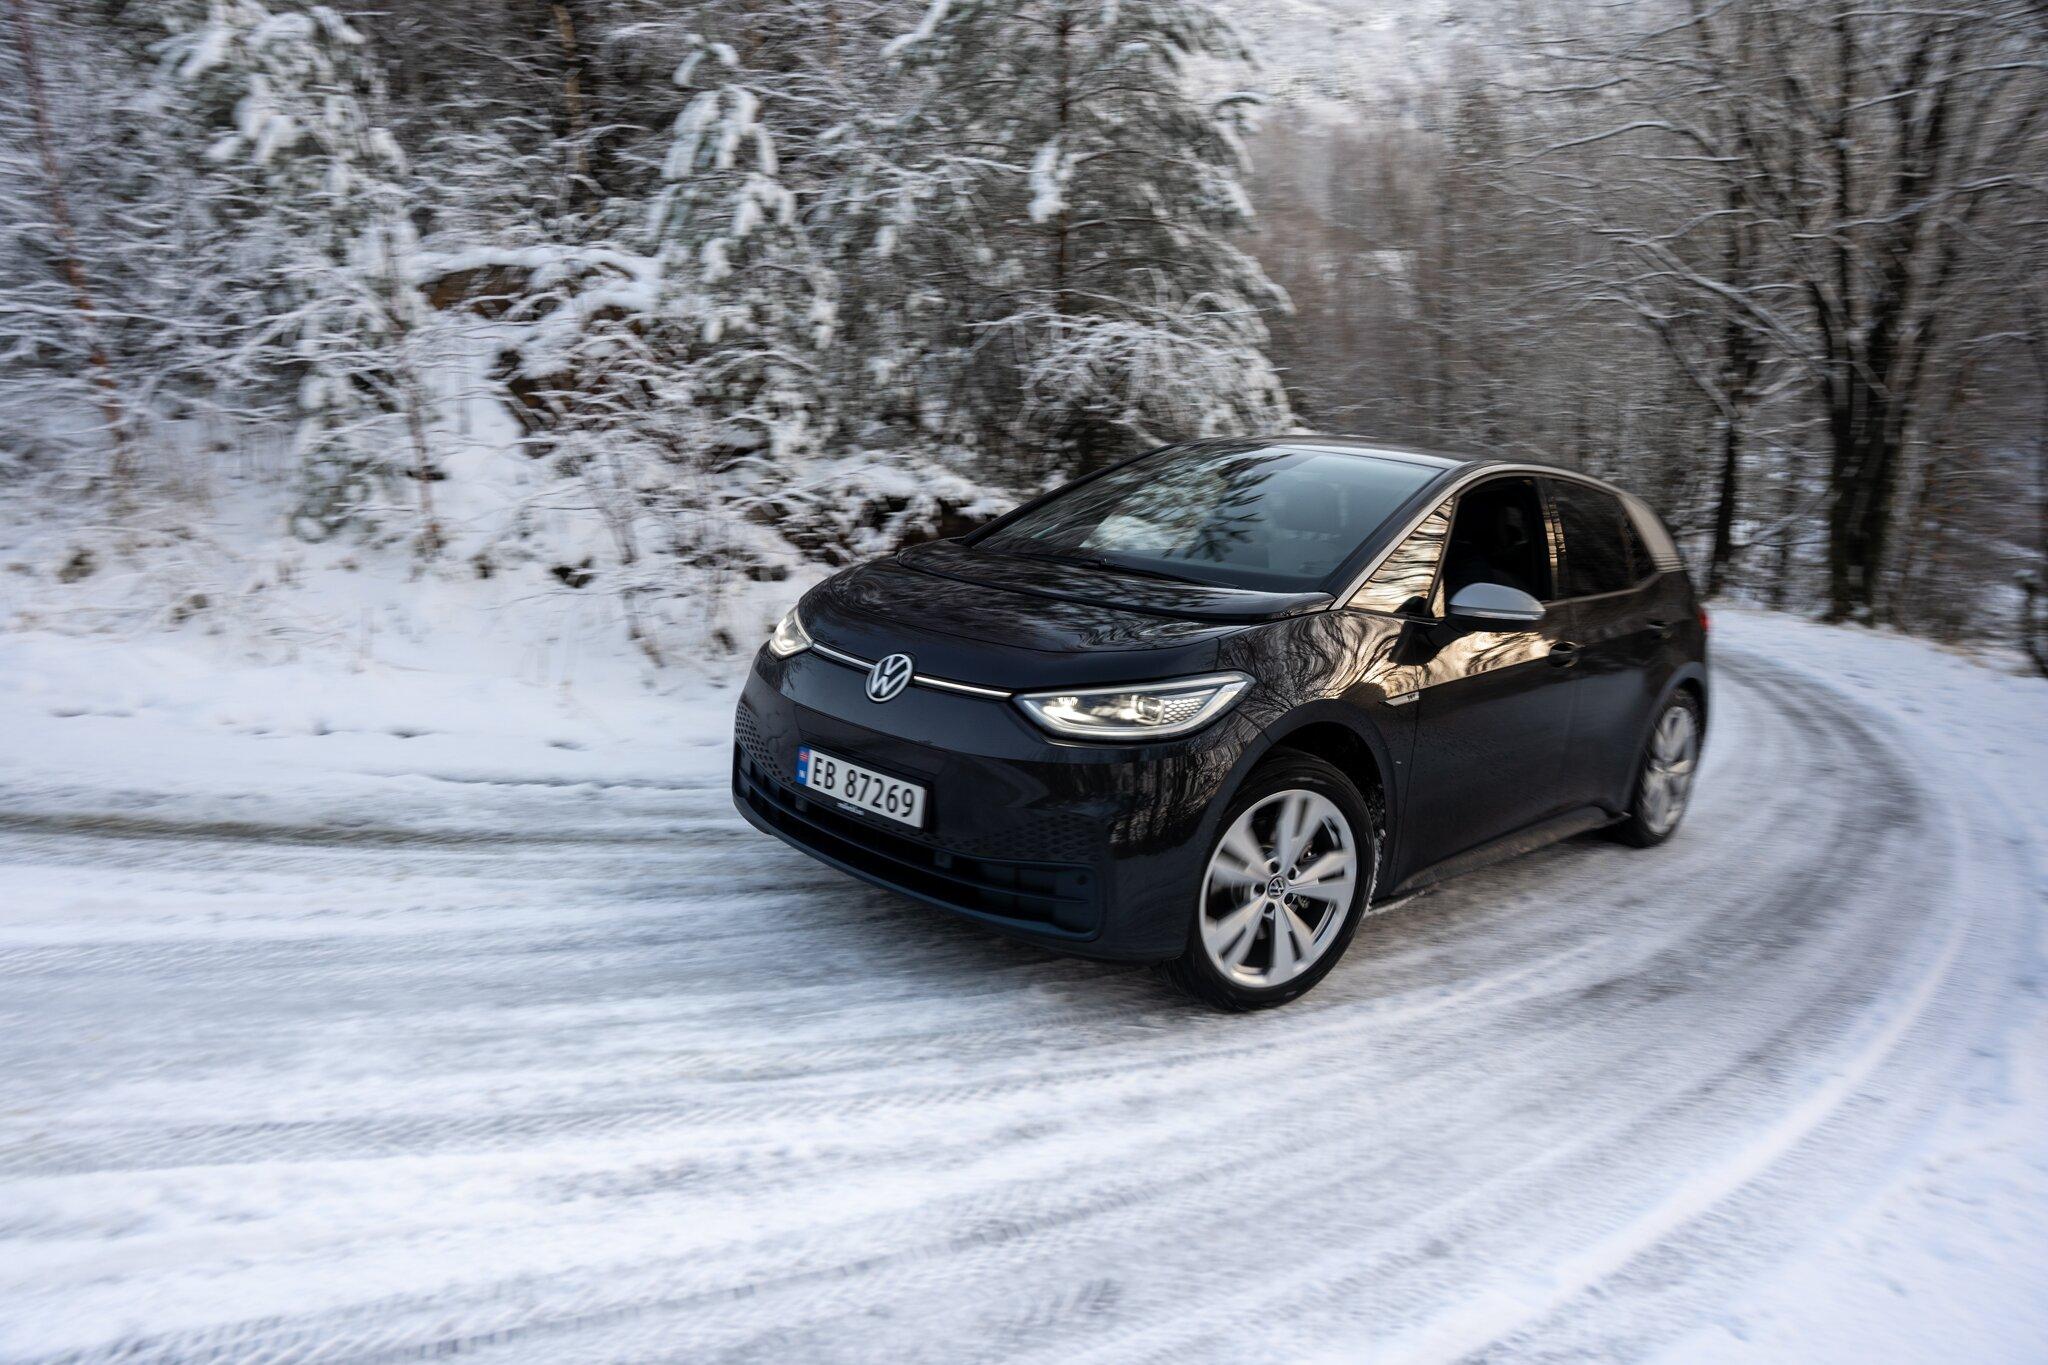 Volkswagen ID3 opp bakke snø.jpg